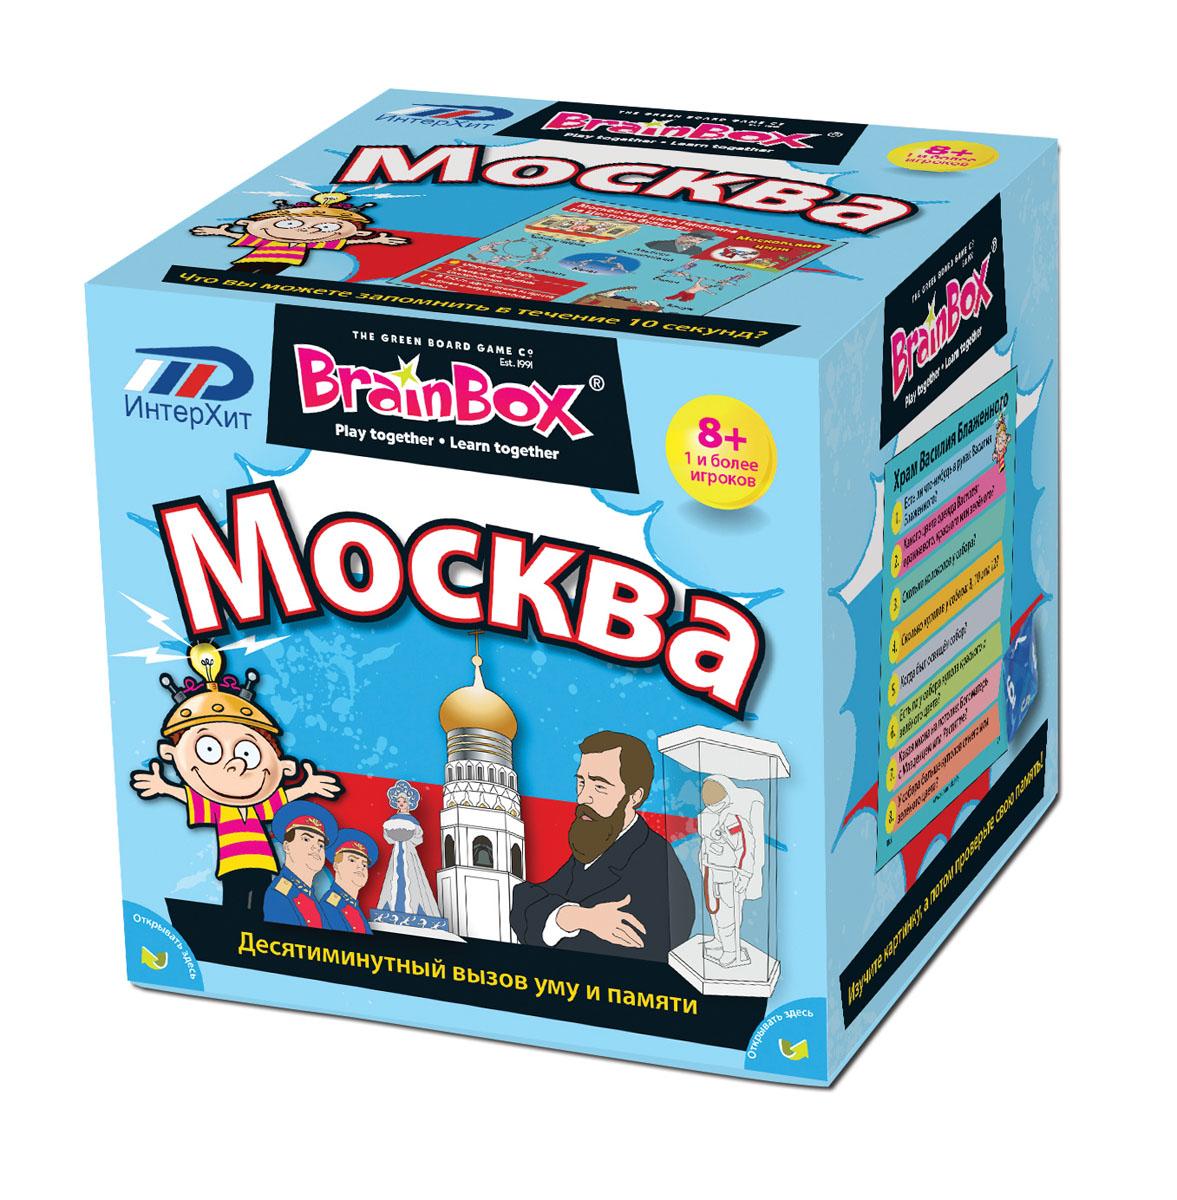 BrainBox Обучающая игра Сундучок знаний Москва90716Игра настольная Москва серии игр Сундучок Знаний. Игра посвящена столице России, содержит много уникальных фактов о Москве , станет интересным и познавательным подарком , как для ребенка, так и для взрослого.